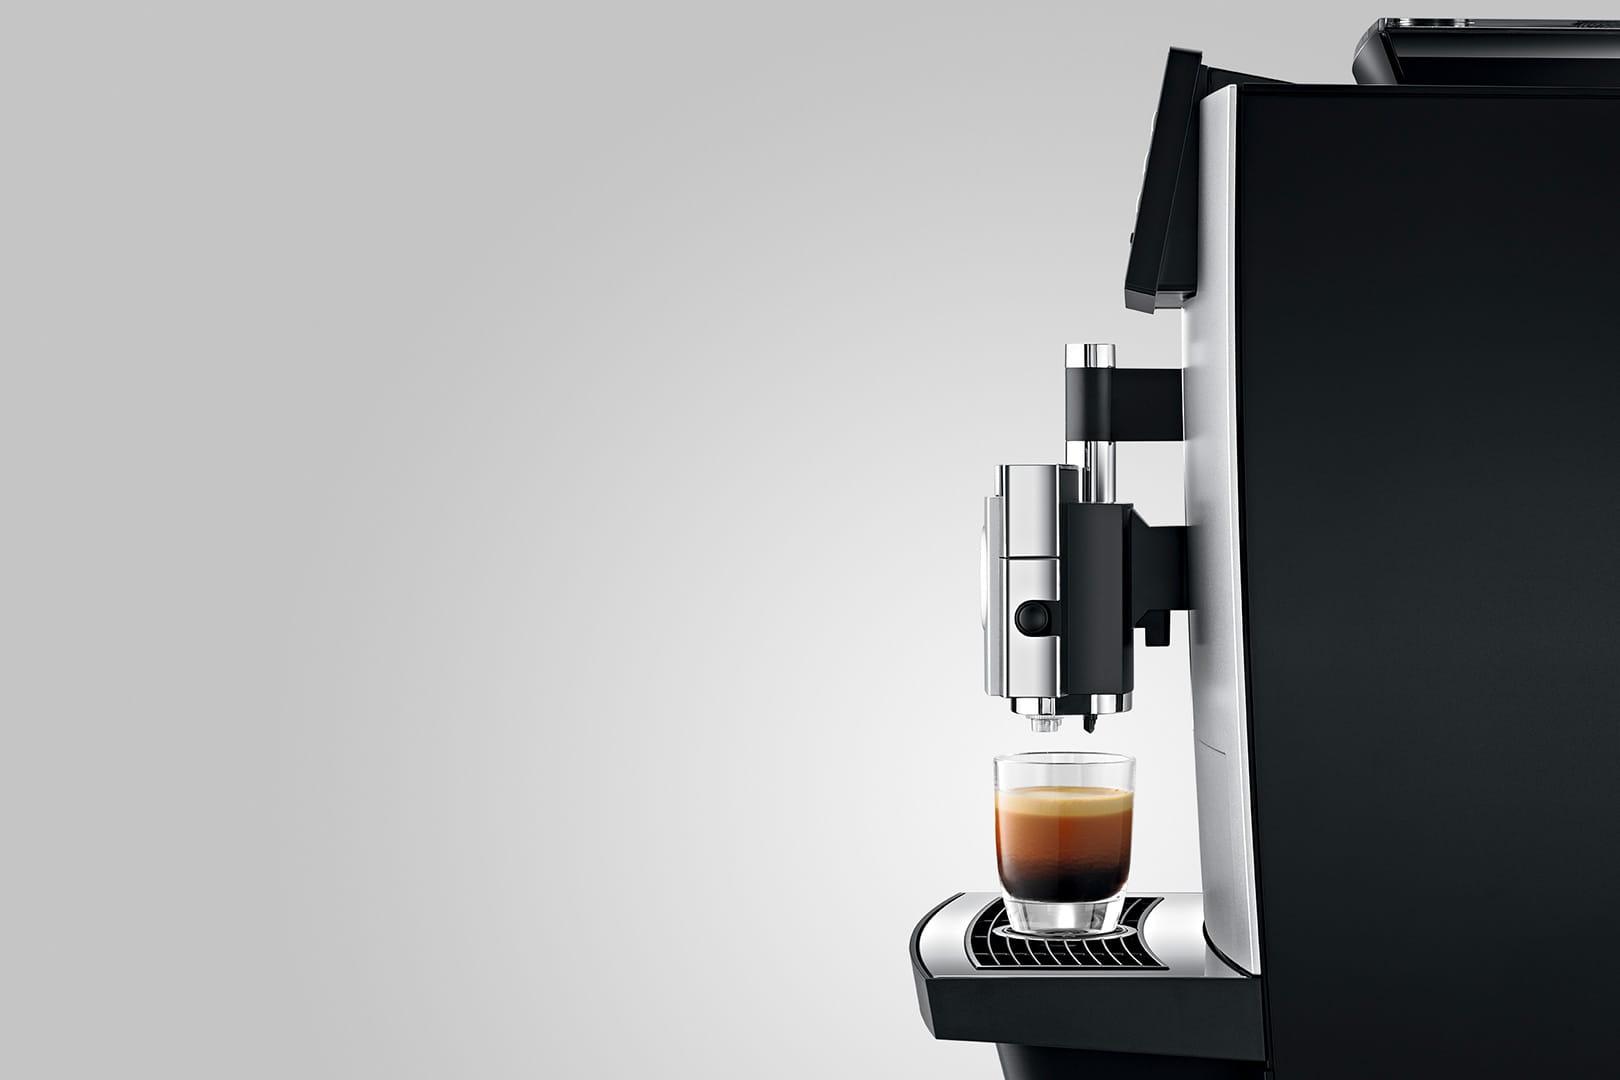 Jura X8 najlepszy ekspres biurowy w przedziale cenowym 8000 - 12000 zł brutto